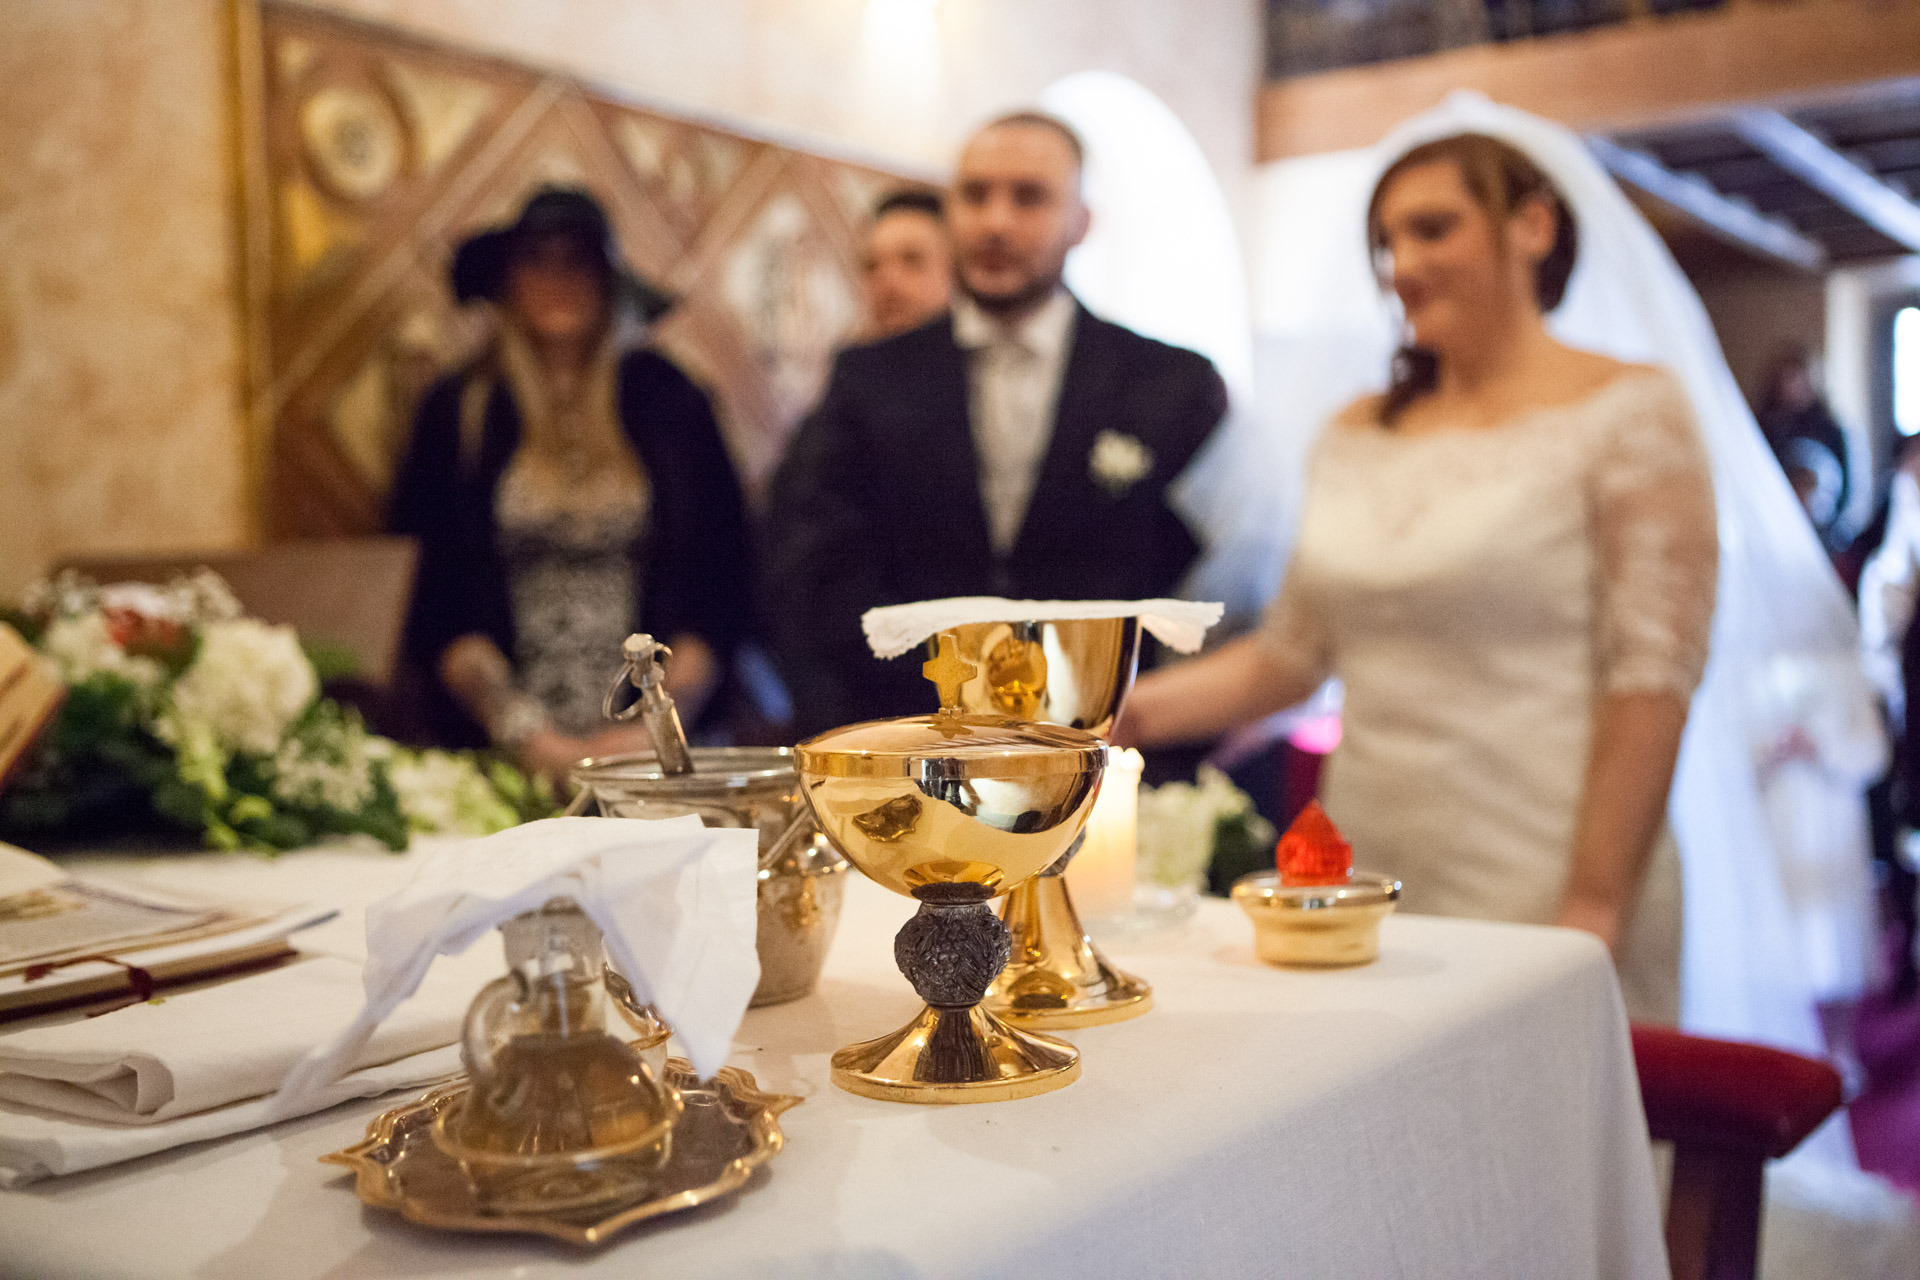 dettagli dell'altare duirante il matrimonio